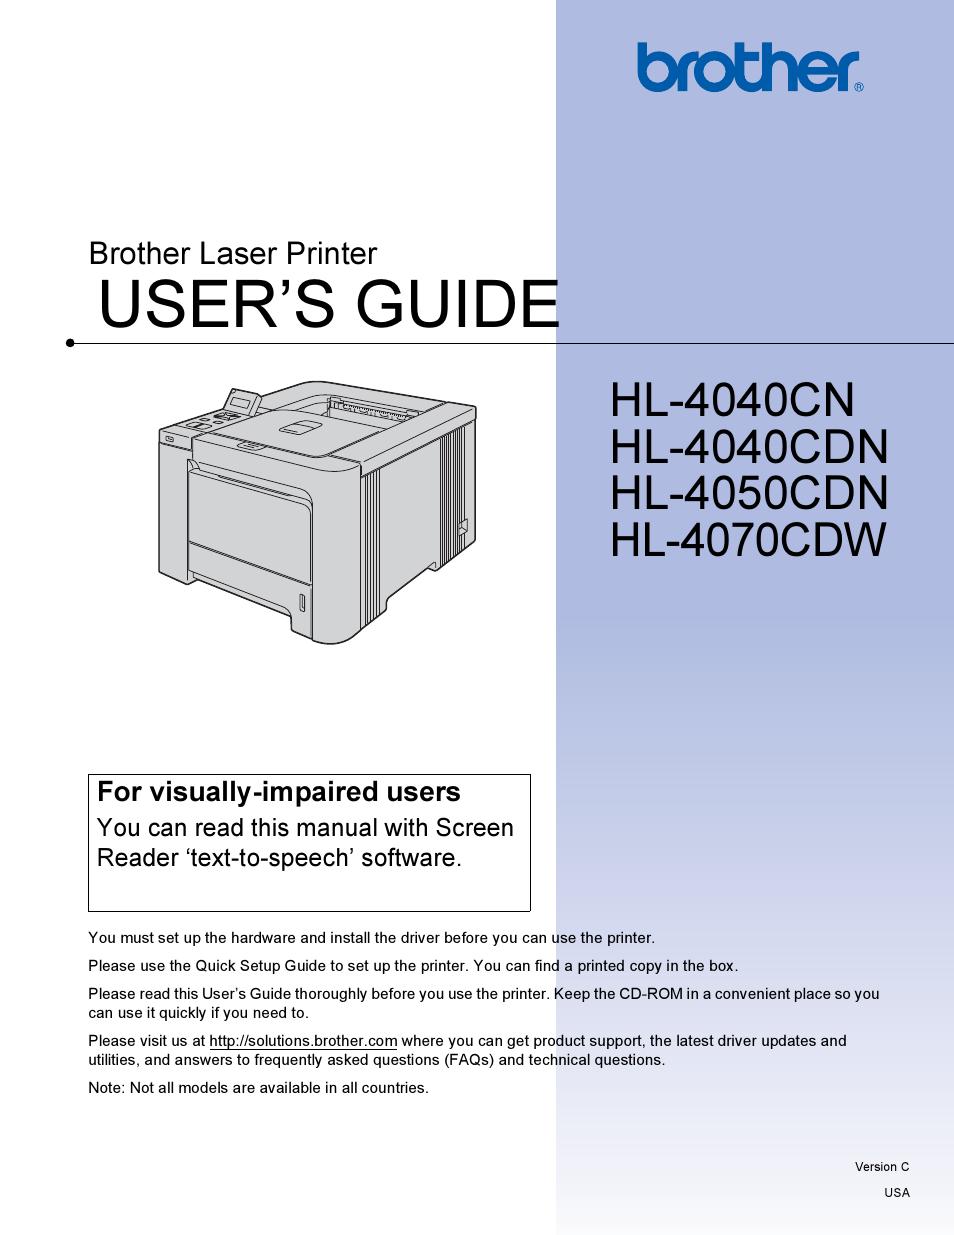 Brother hl-4040cn hl-4050cdn hl-4070cdw service manual download.